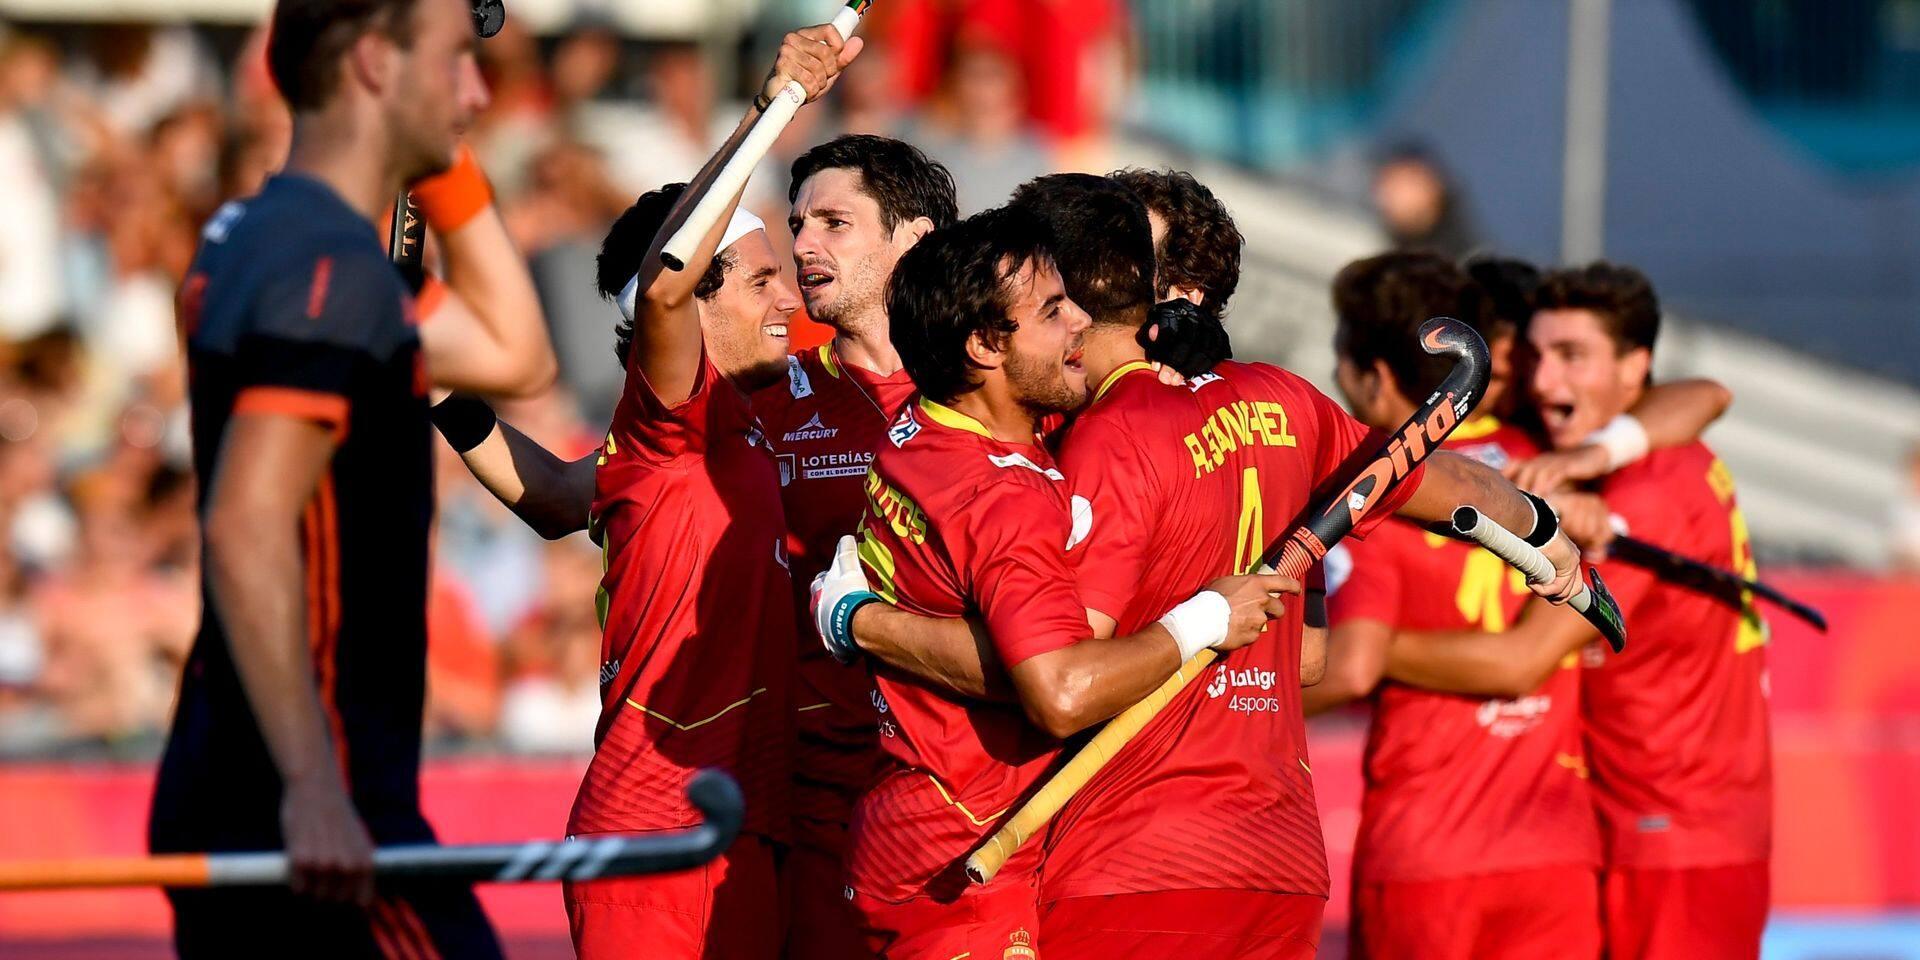 Euro 2019 de hockey: L'Espagne première finaliste surprise en battant les Pays-Bas 4-3